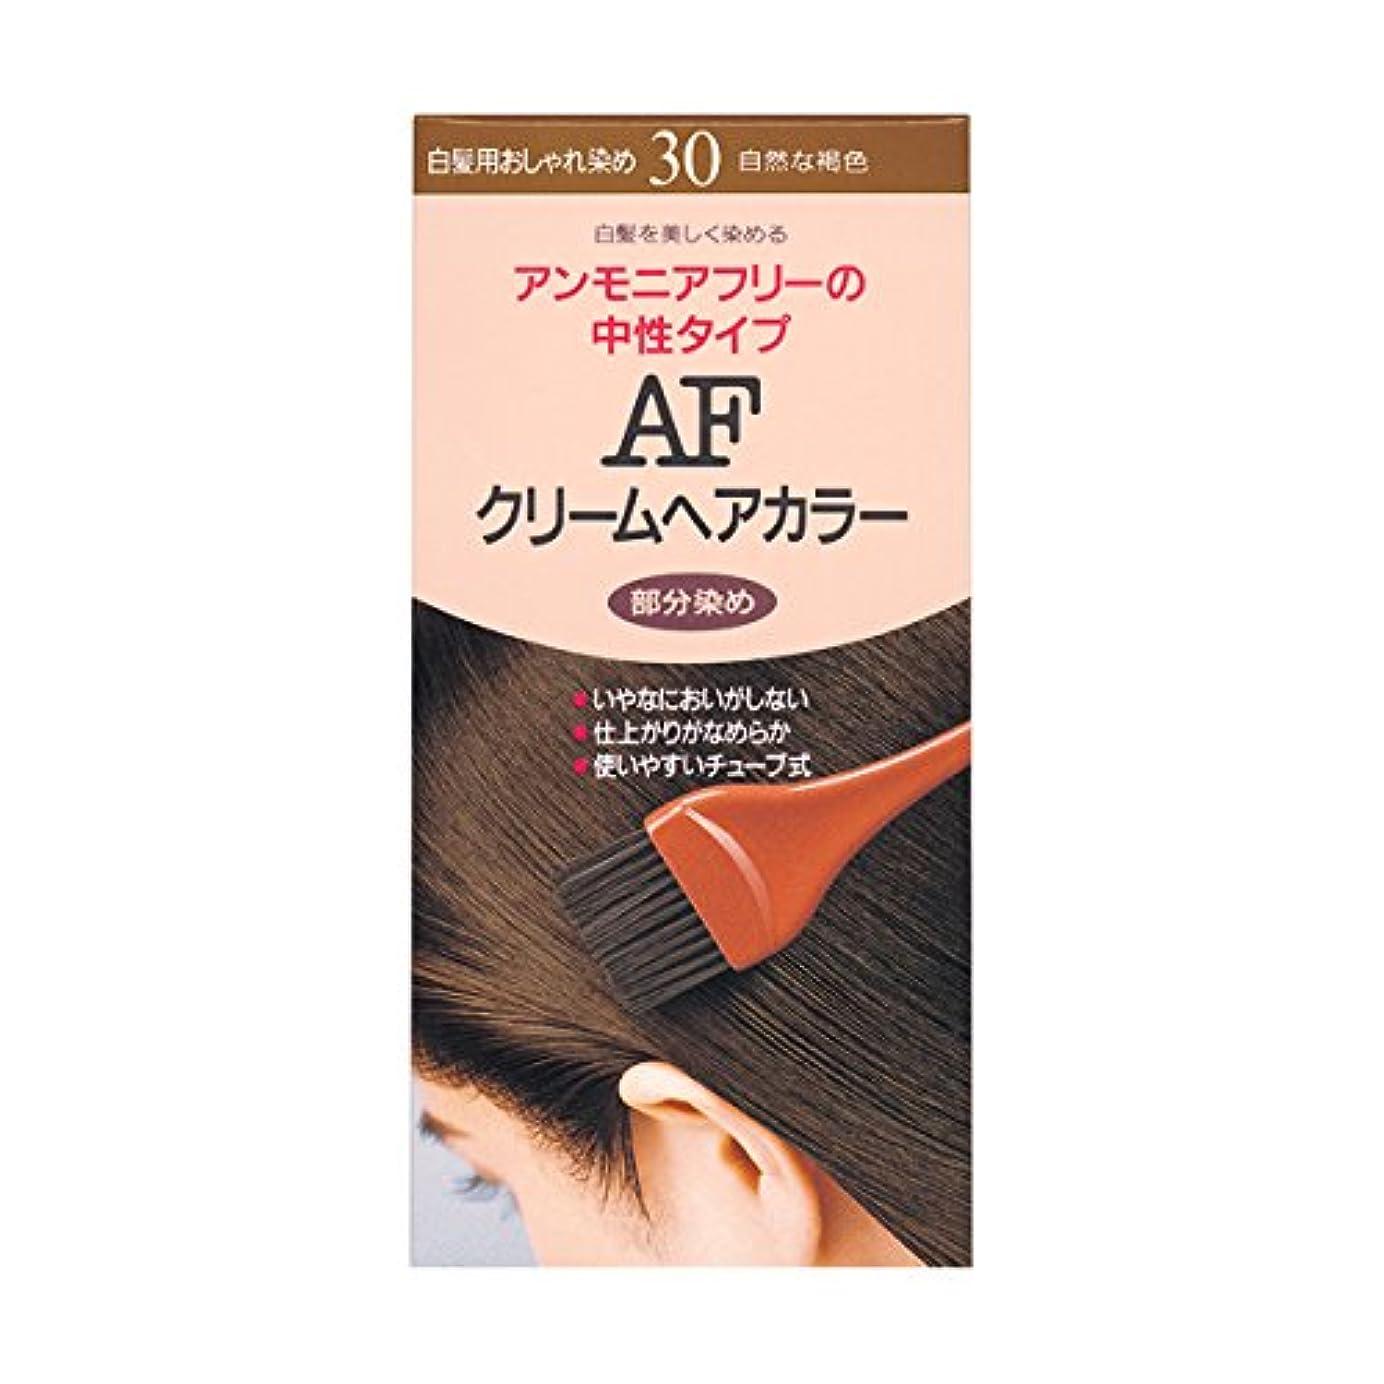 火薬ホイッスル検査ヘアカラー AFクリームヘアカラー 30 【医薬部外品】